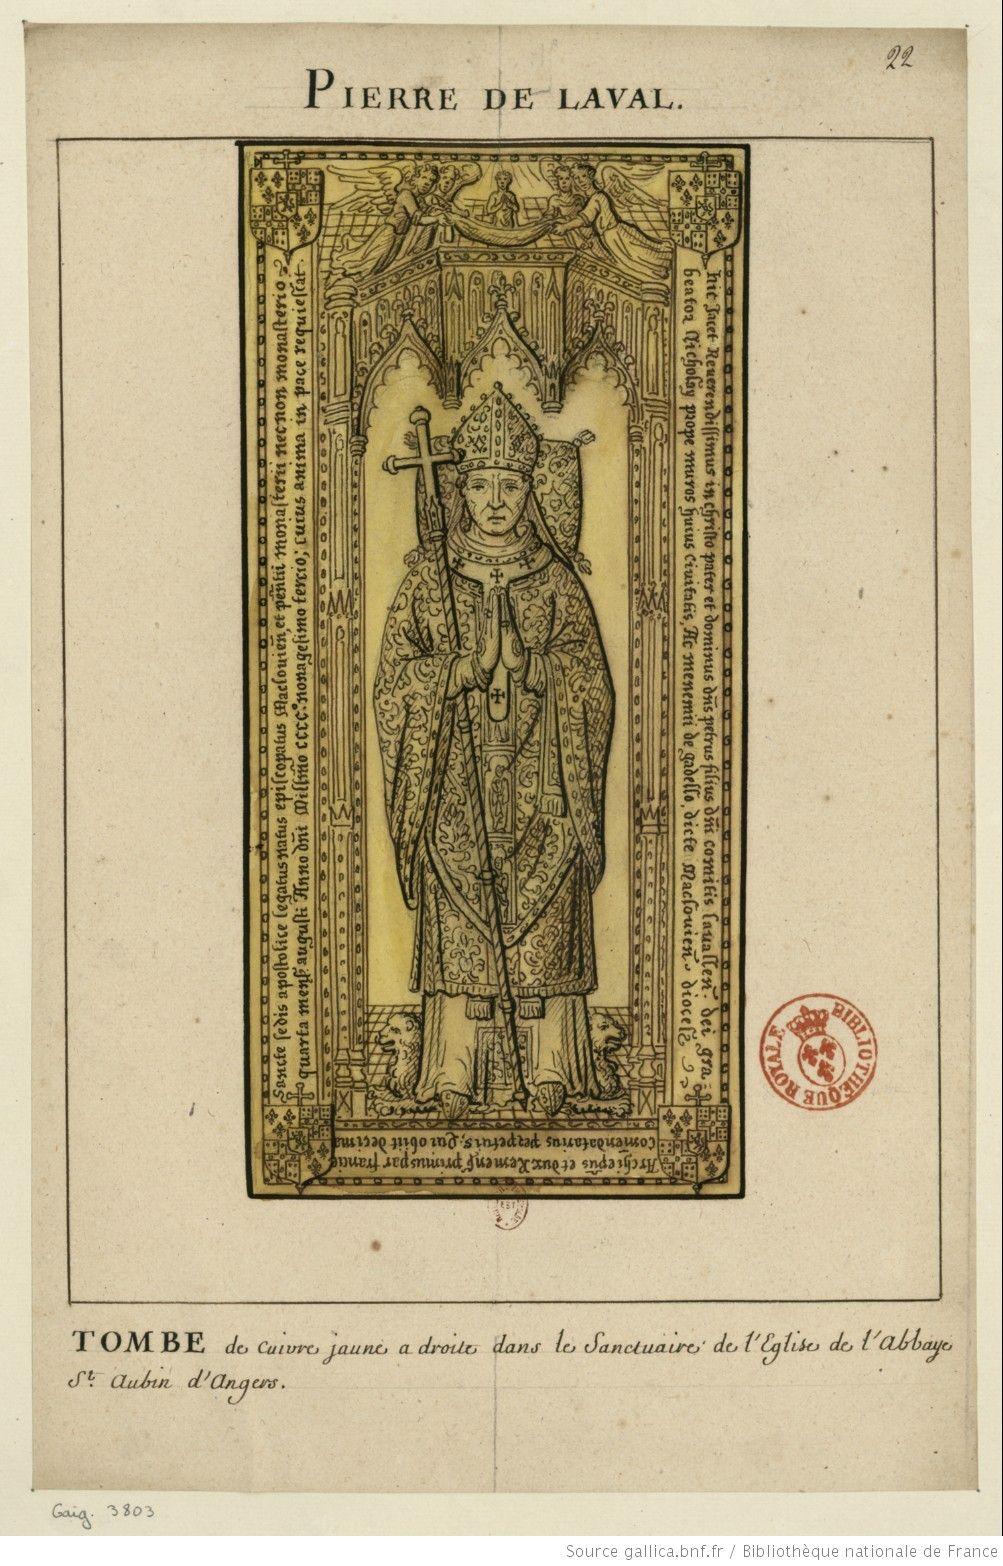 Pierre De Laval Tombe De Cuivre Jaune A Droite Dans Le Sanctuaire De L Eglise De L Abbaye St Aubin D Angers Dessin Lou Dessin Laval Eglise